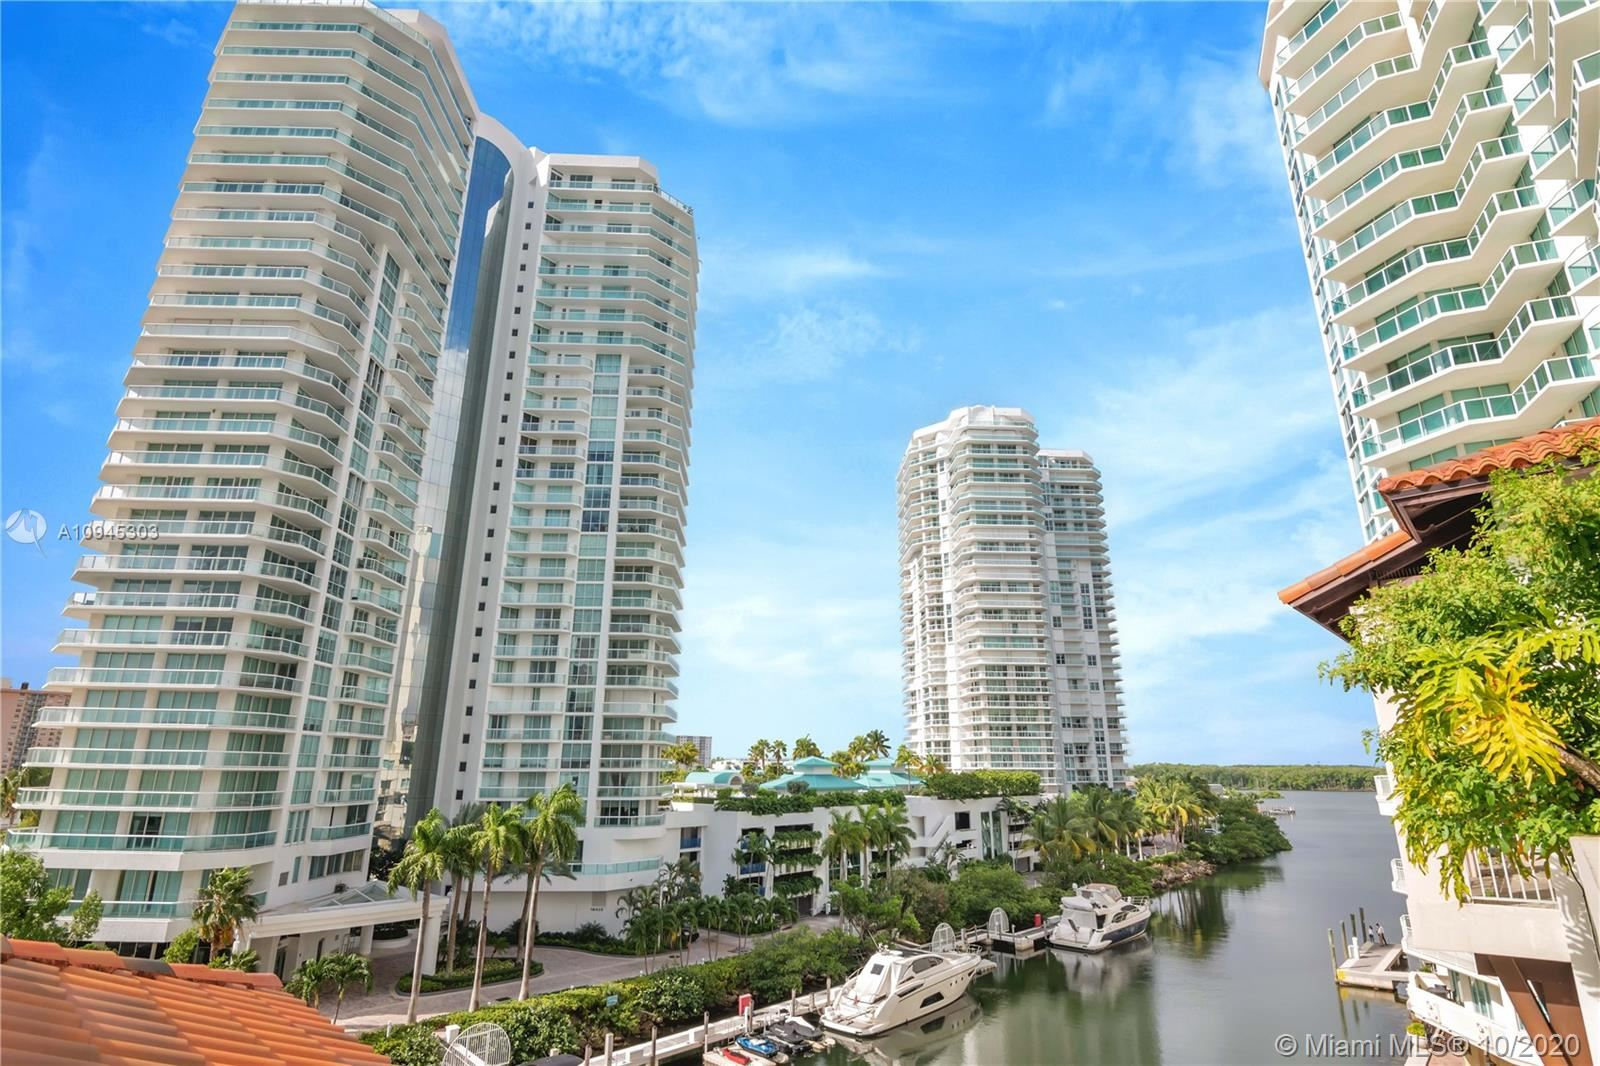 150 Sunny Isles Blvd #1-504, Sunny Isles, FL 33160 - #: A10945303